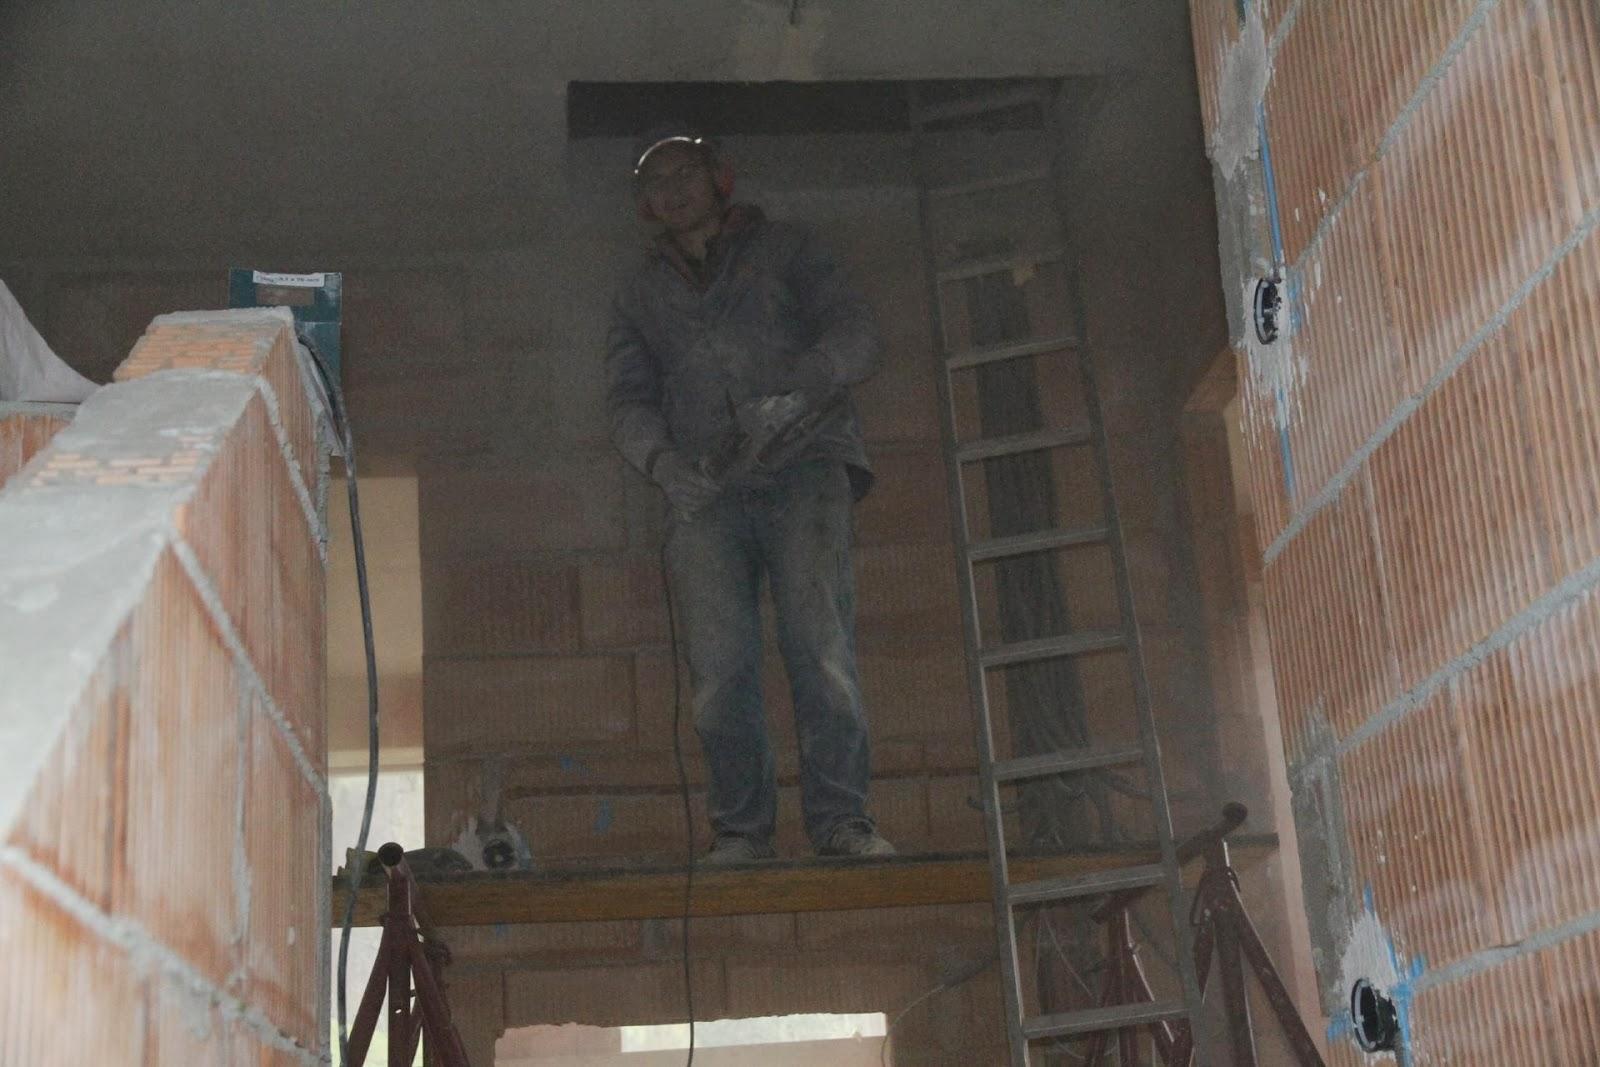 Dachbodentreppe Einbauen Lassen : Dachbodentreppe einbauen versuch bautagebuch von marlene